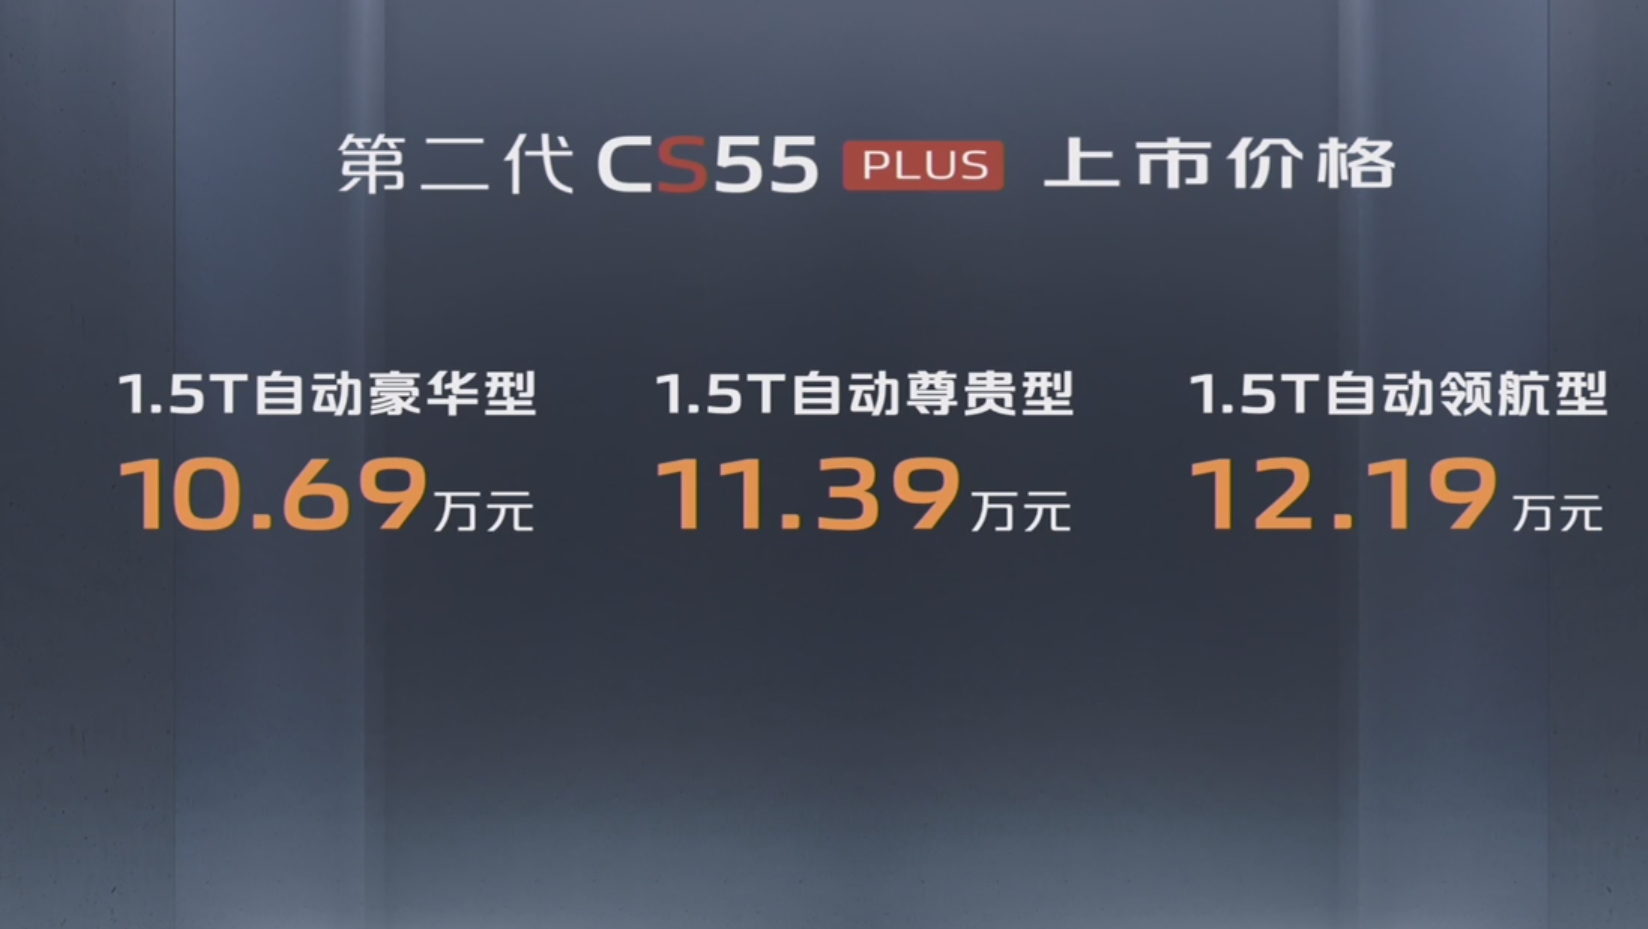 性价比全面提升,全新一代长安CS55 Plus上市售10.69-12.19万元